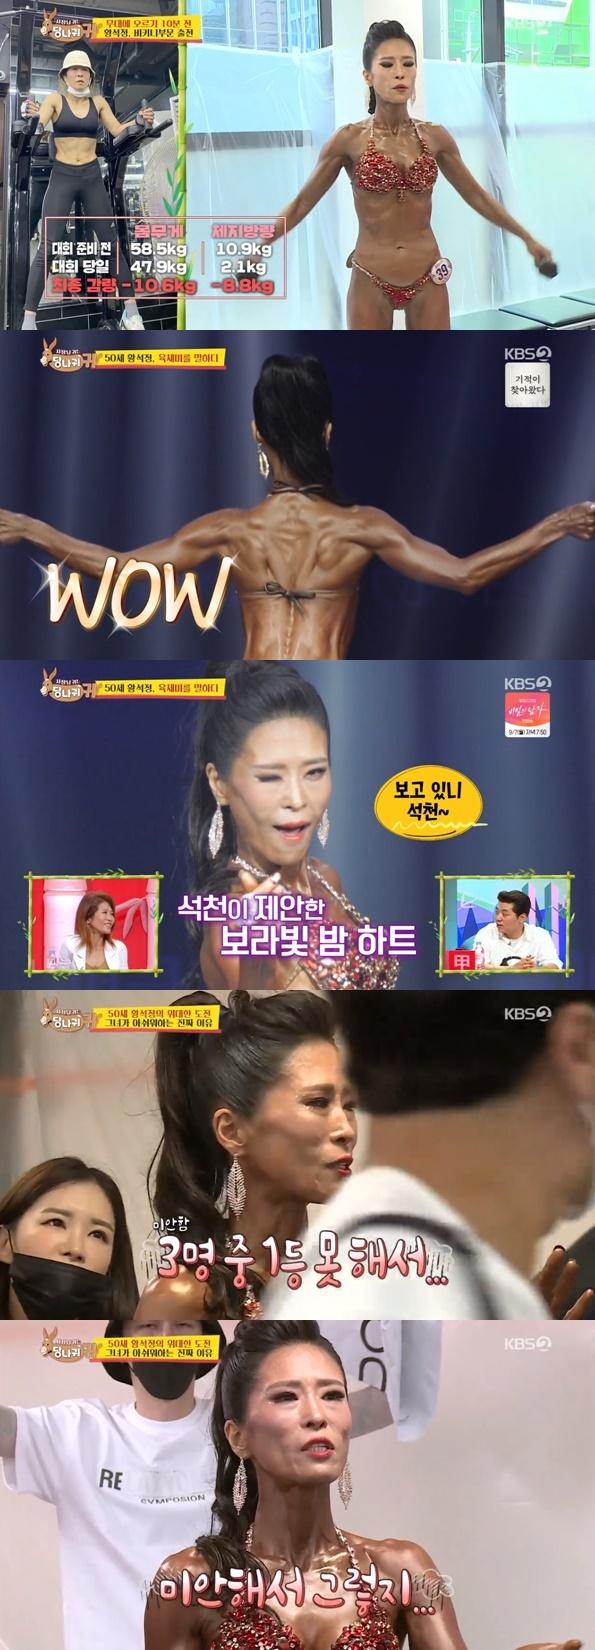 황석정 / 사진=KBS2 사장님 귀는 당나귀 귀